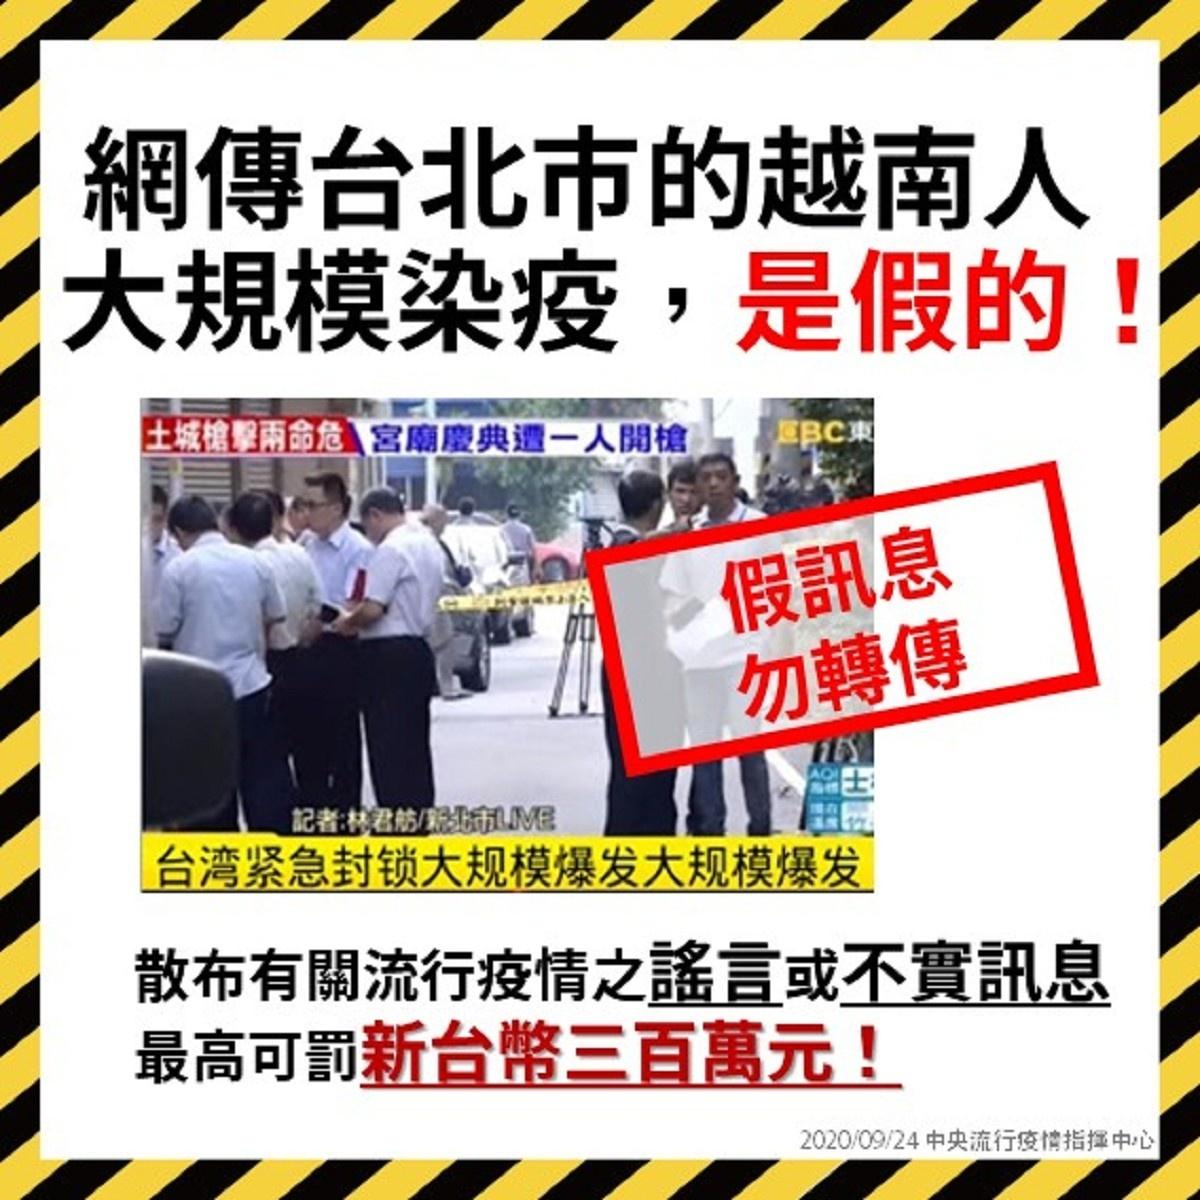 網傳「在台北市的越南人大規模染疫」 指揮中心:假訊息